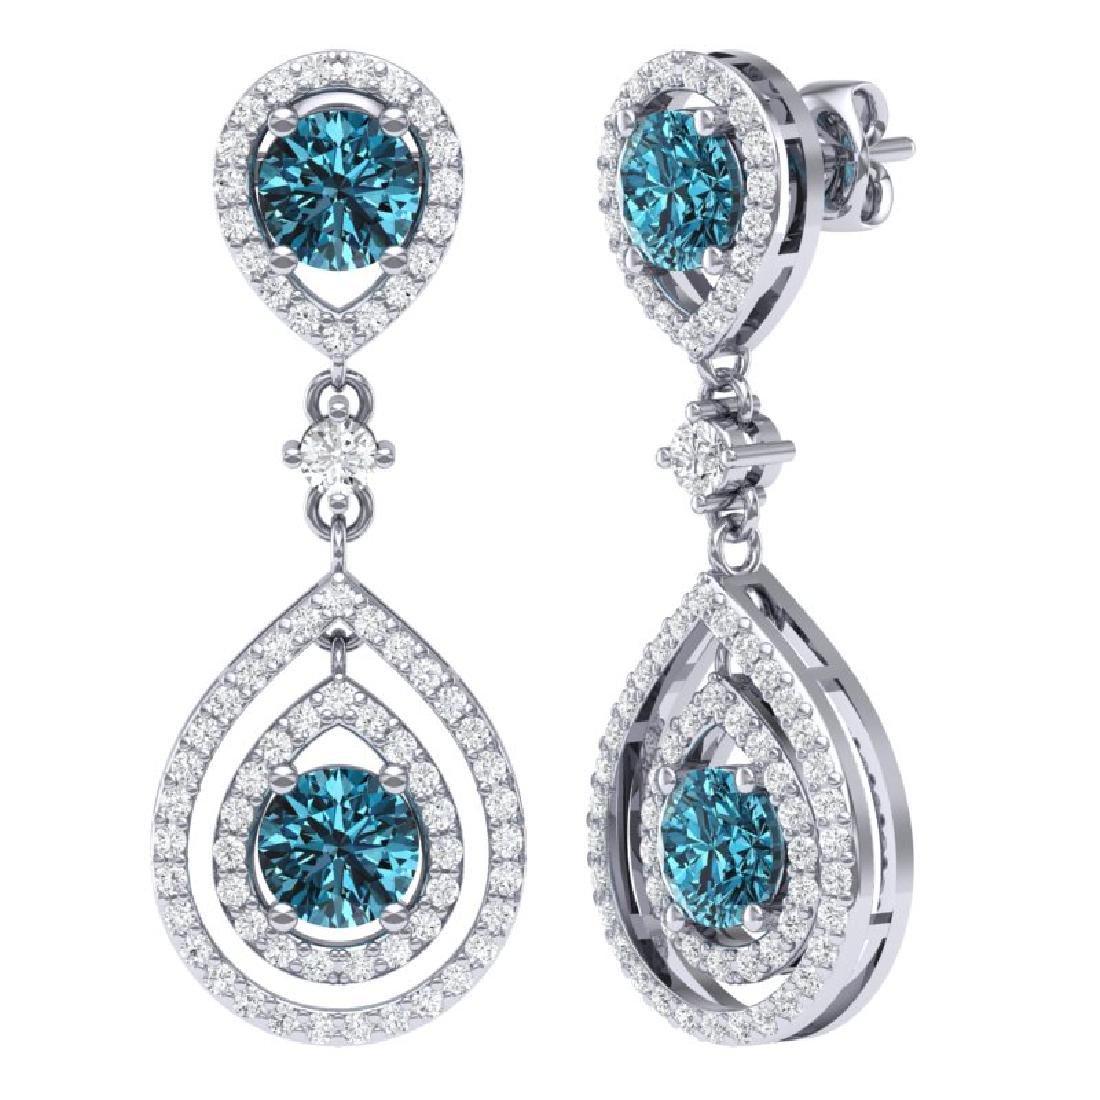 3.94 CTW Royalty Fancy Blue, SI Diamond Earrings 18K - 2